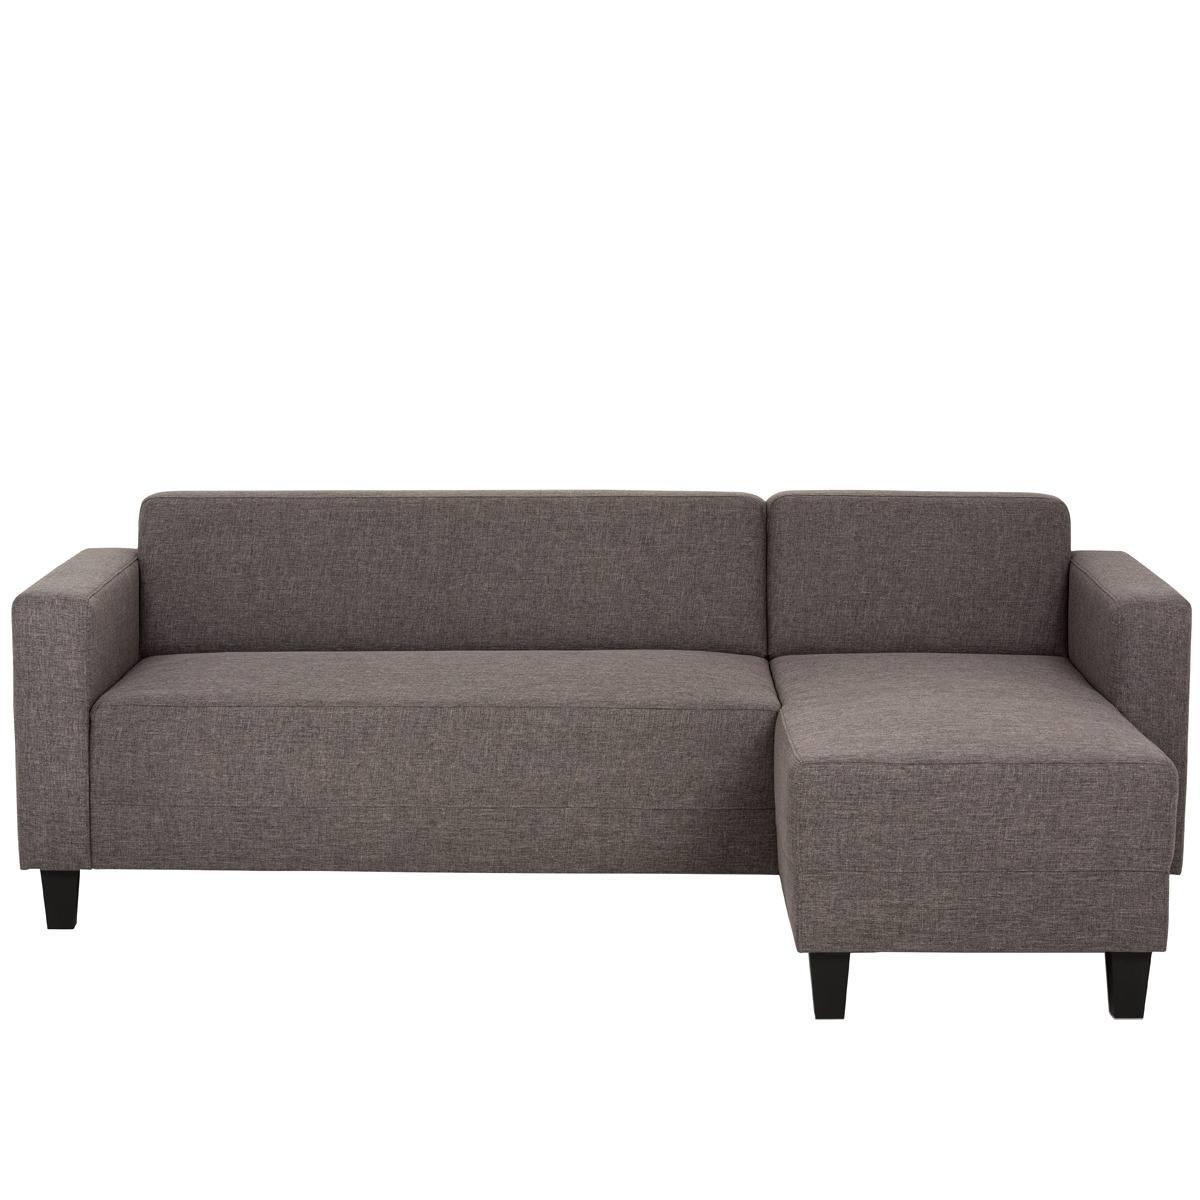 Rebajas el corte ingles verano 2015 sofa chaise longue for Sofas el corte ingles